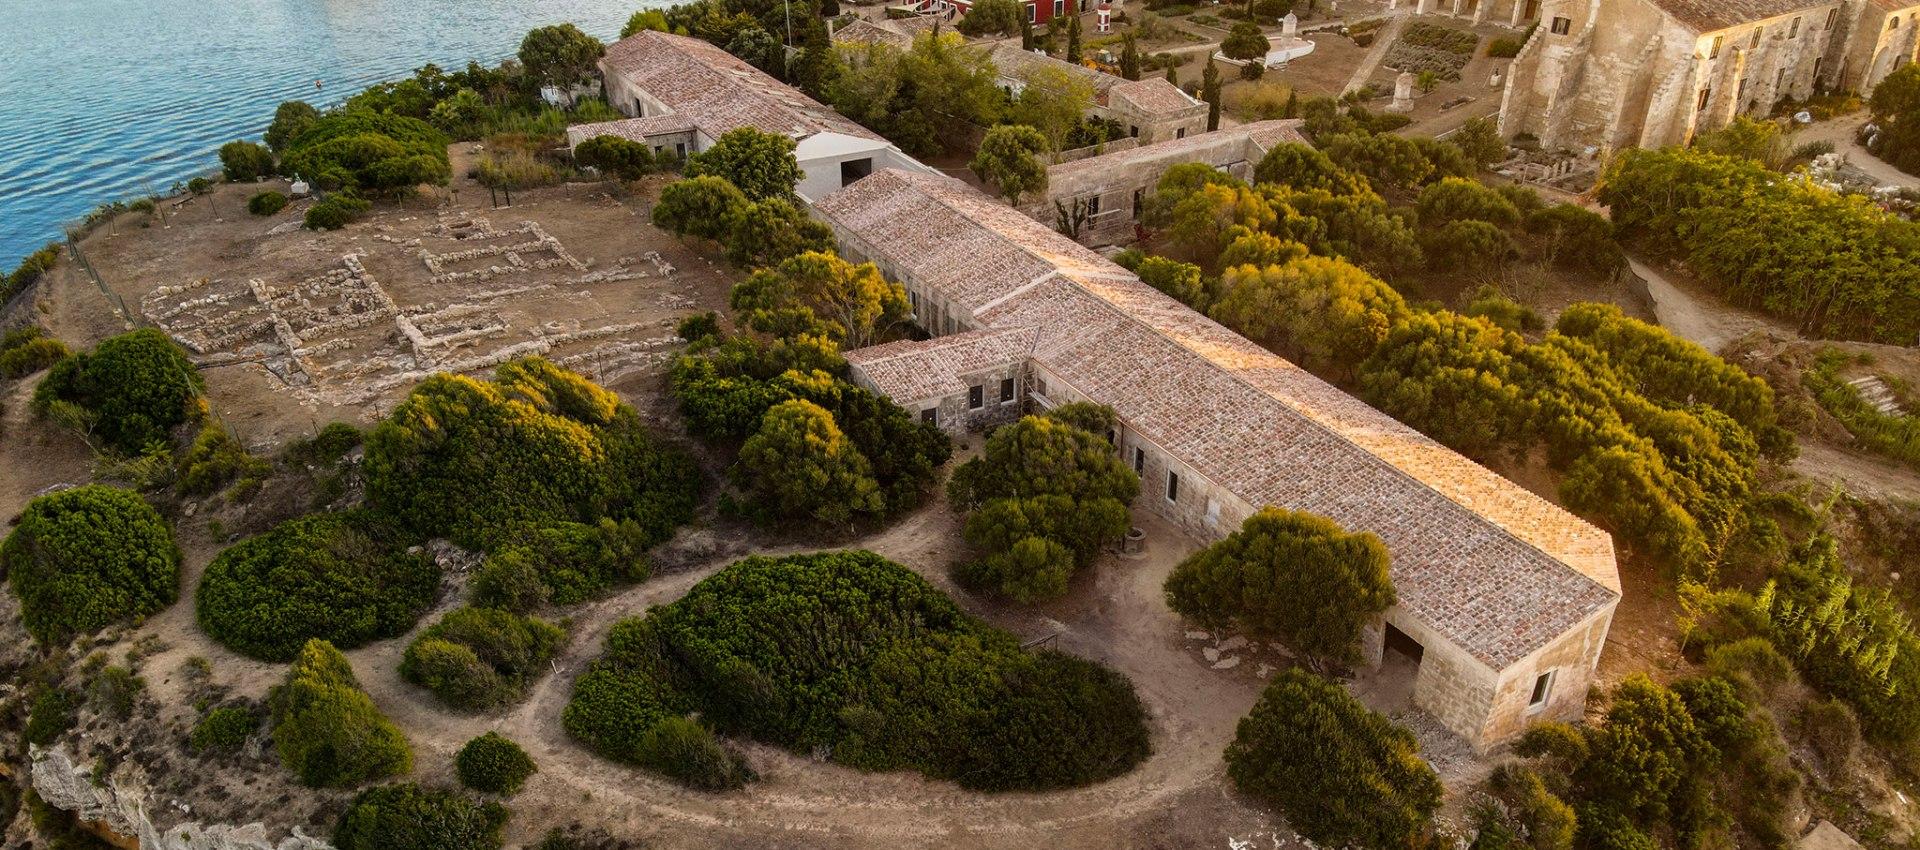 Ecco la nuova sede di Hauser & Wirth a Minorca. Mark Bradford presenta la mostra in anteprima video